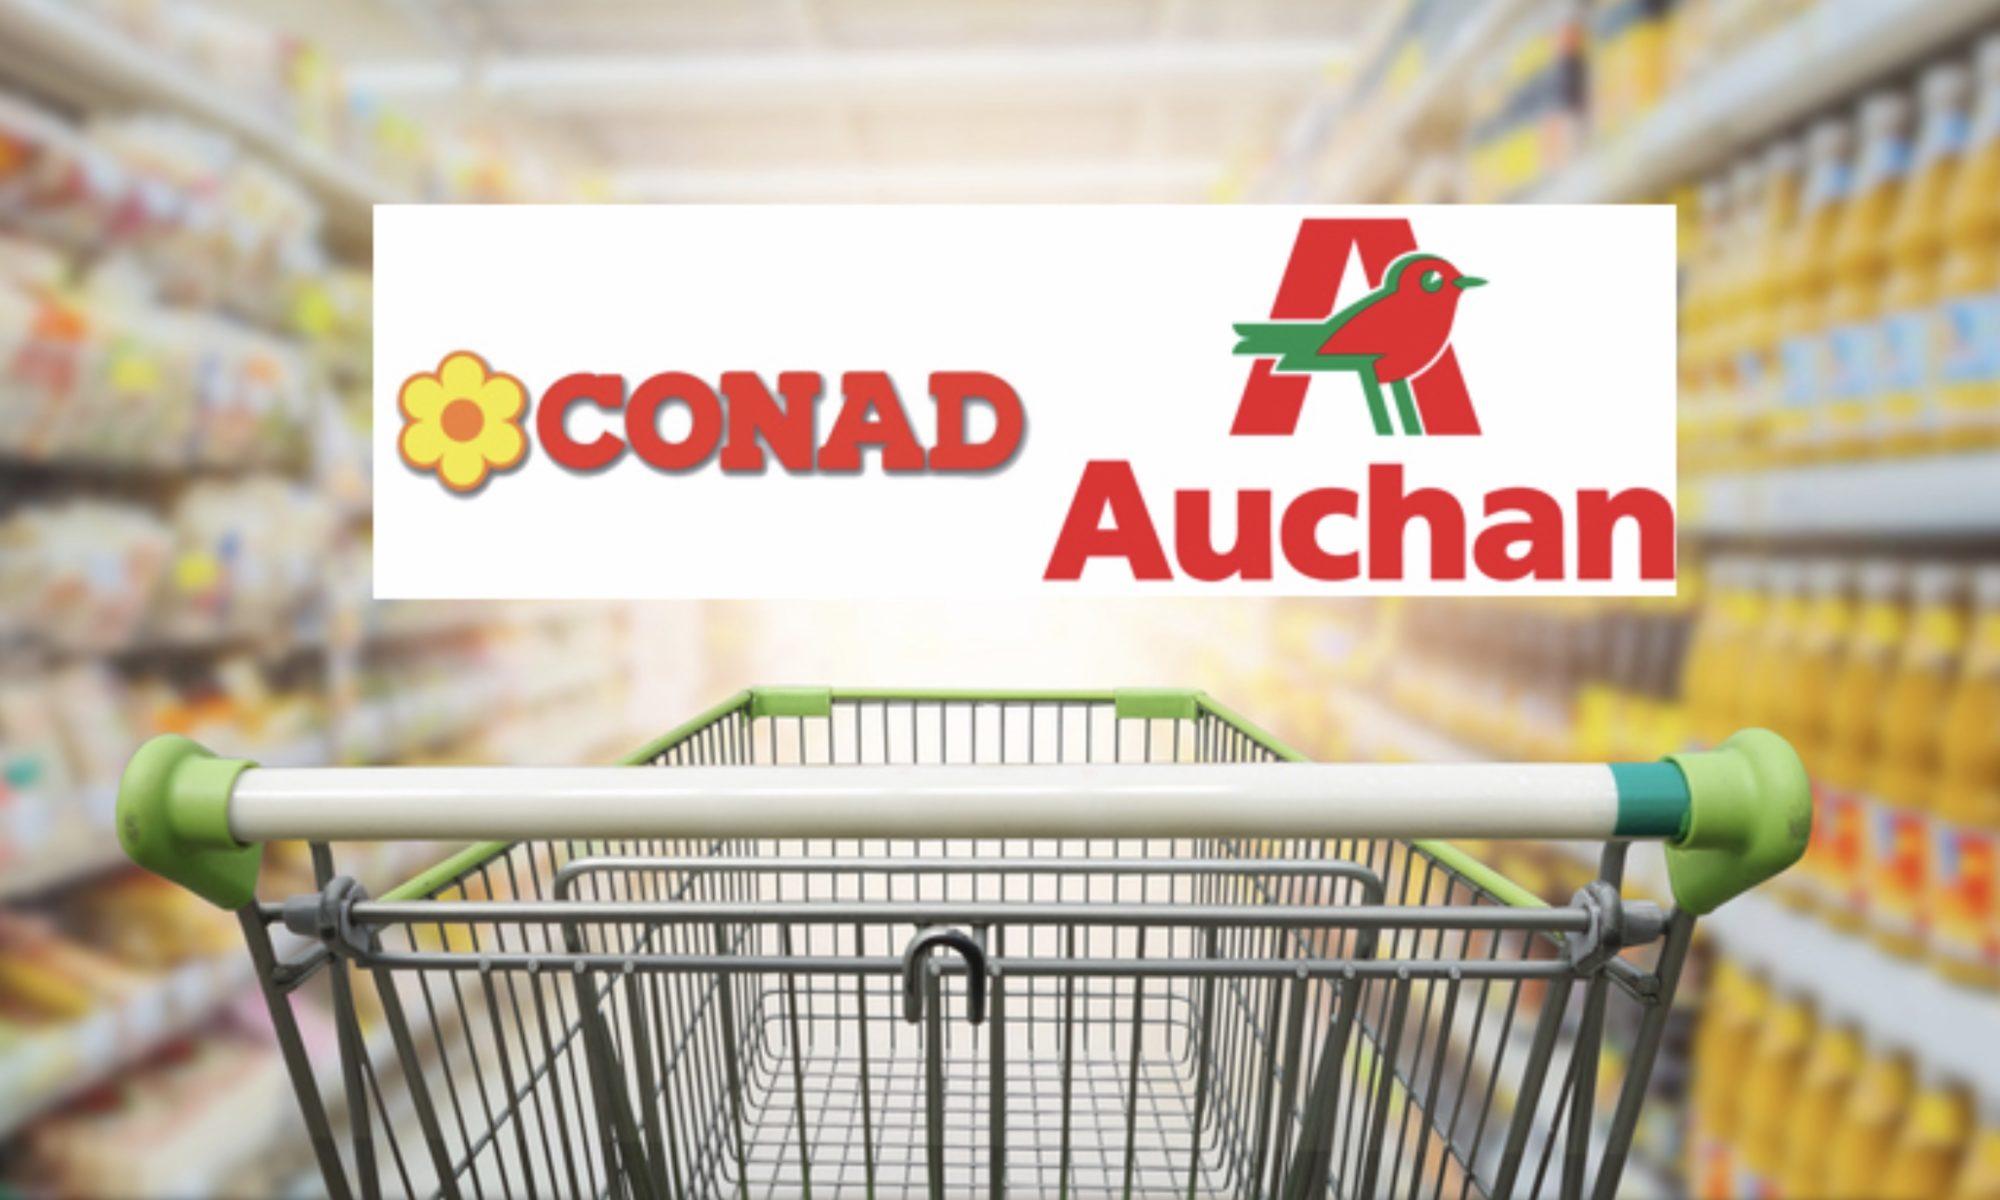 Auchan Tavoli Da Esterno.Conad Auchan Come Evitare Al Mise False Ri Partenze Il Blog